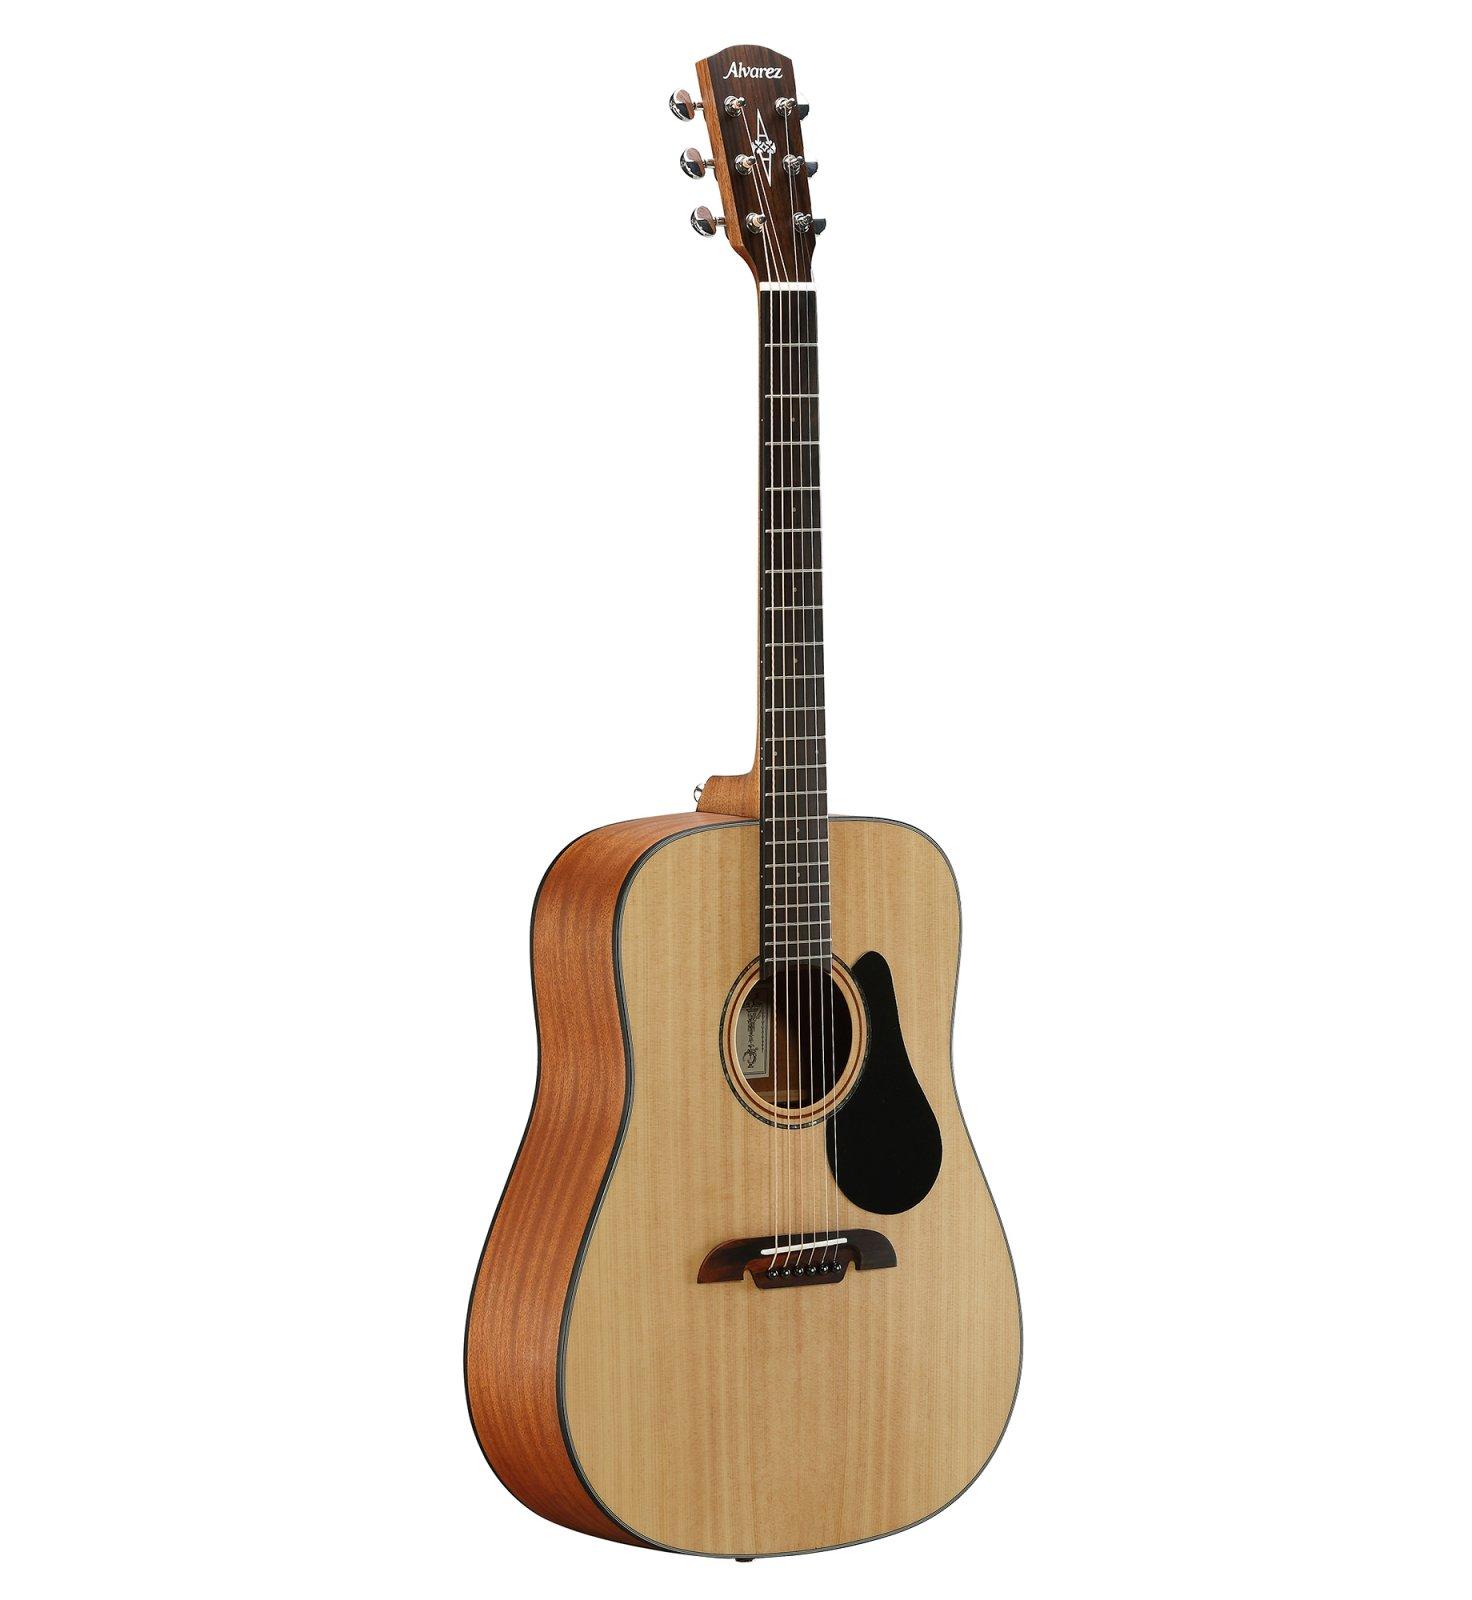 Alvarez AD30 Artist Series Dreadnought Acoustic Guitar